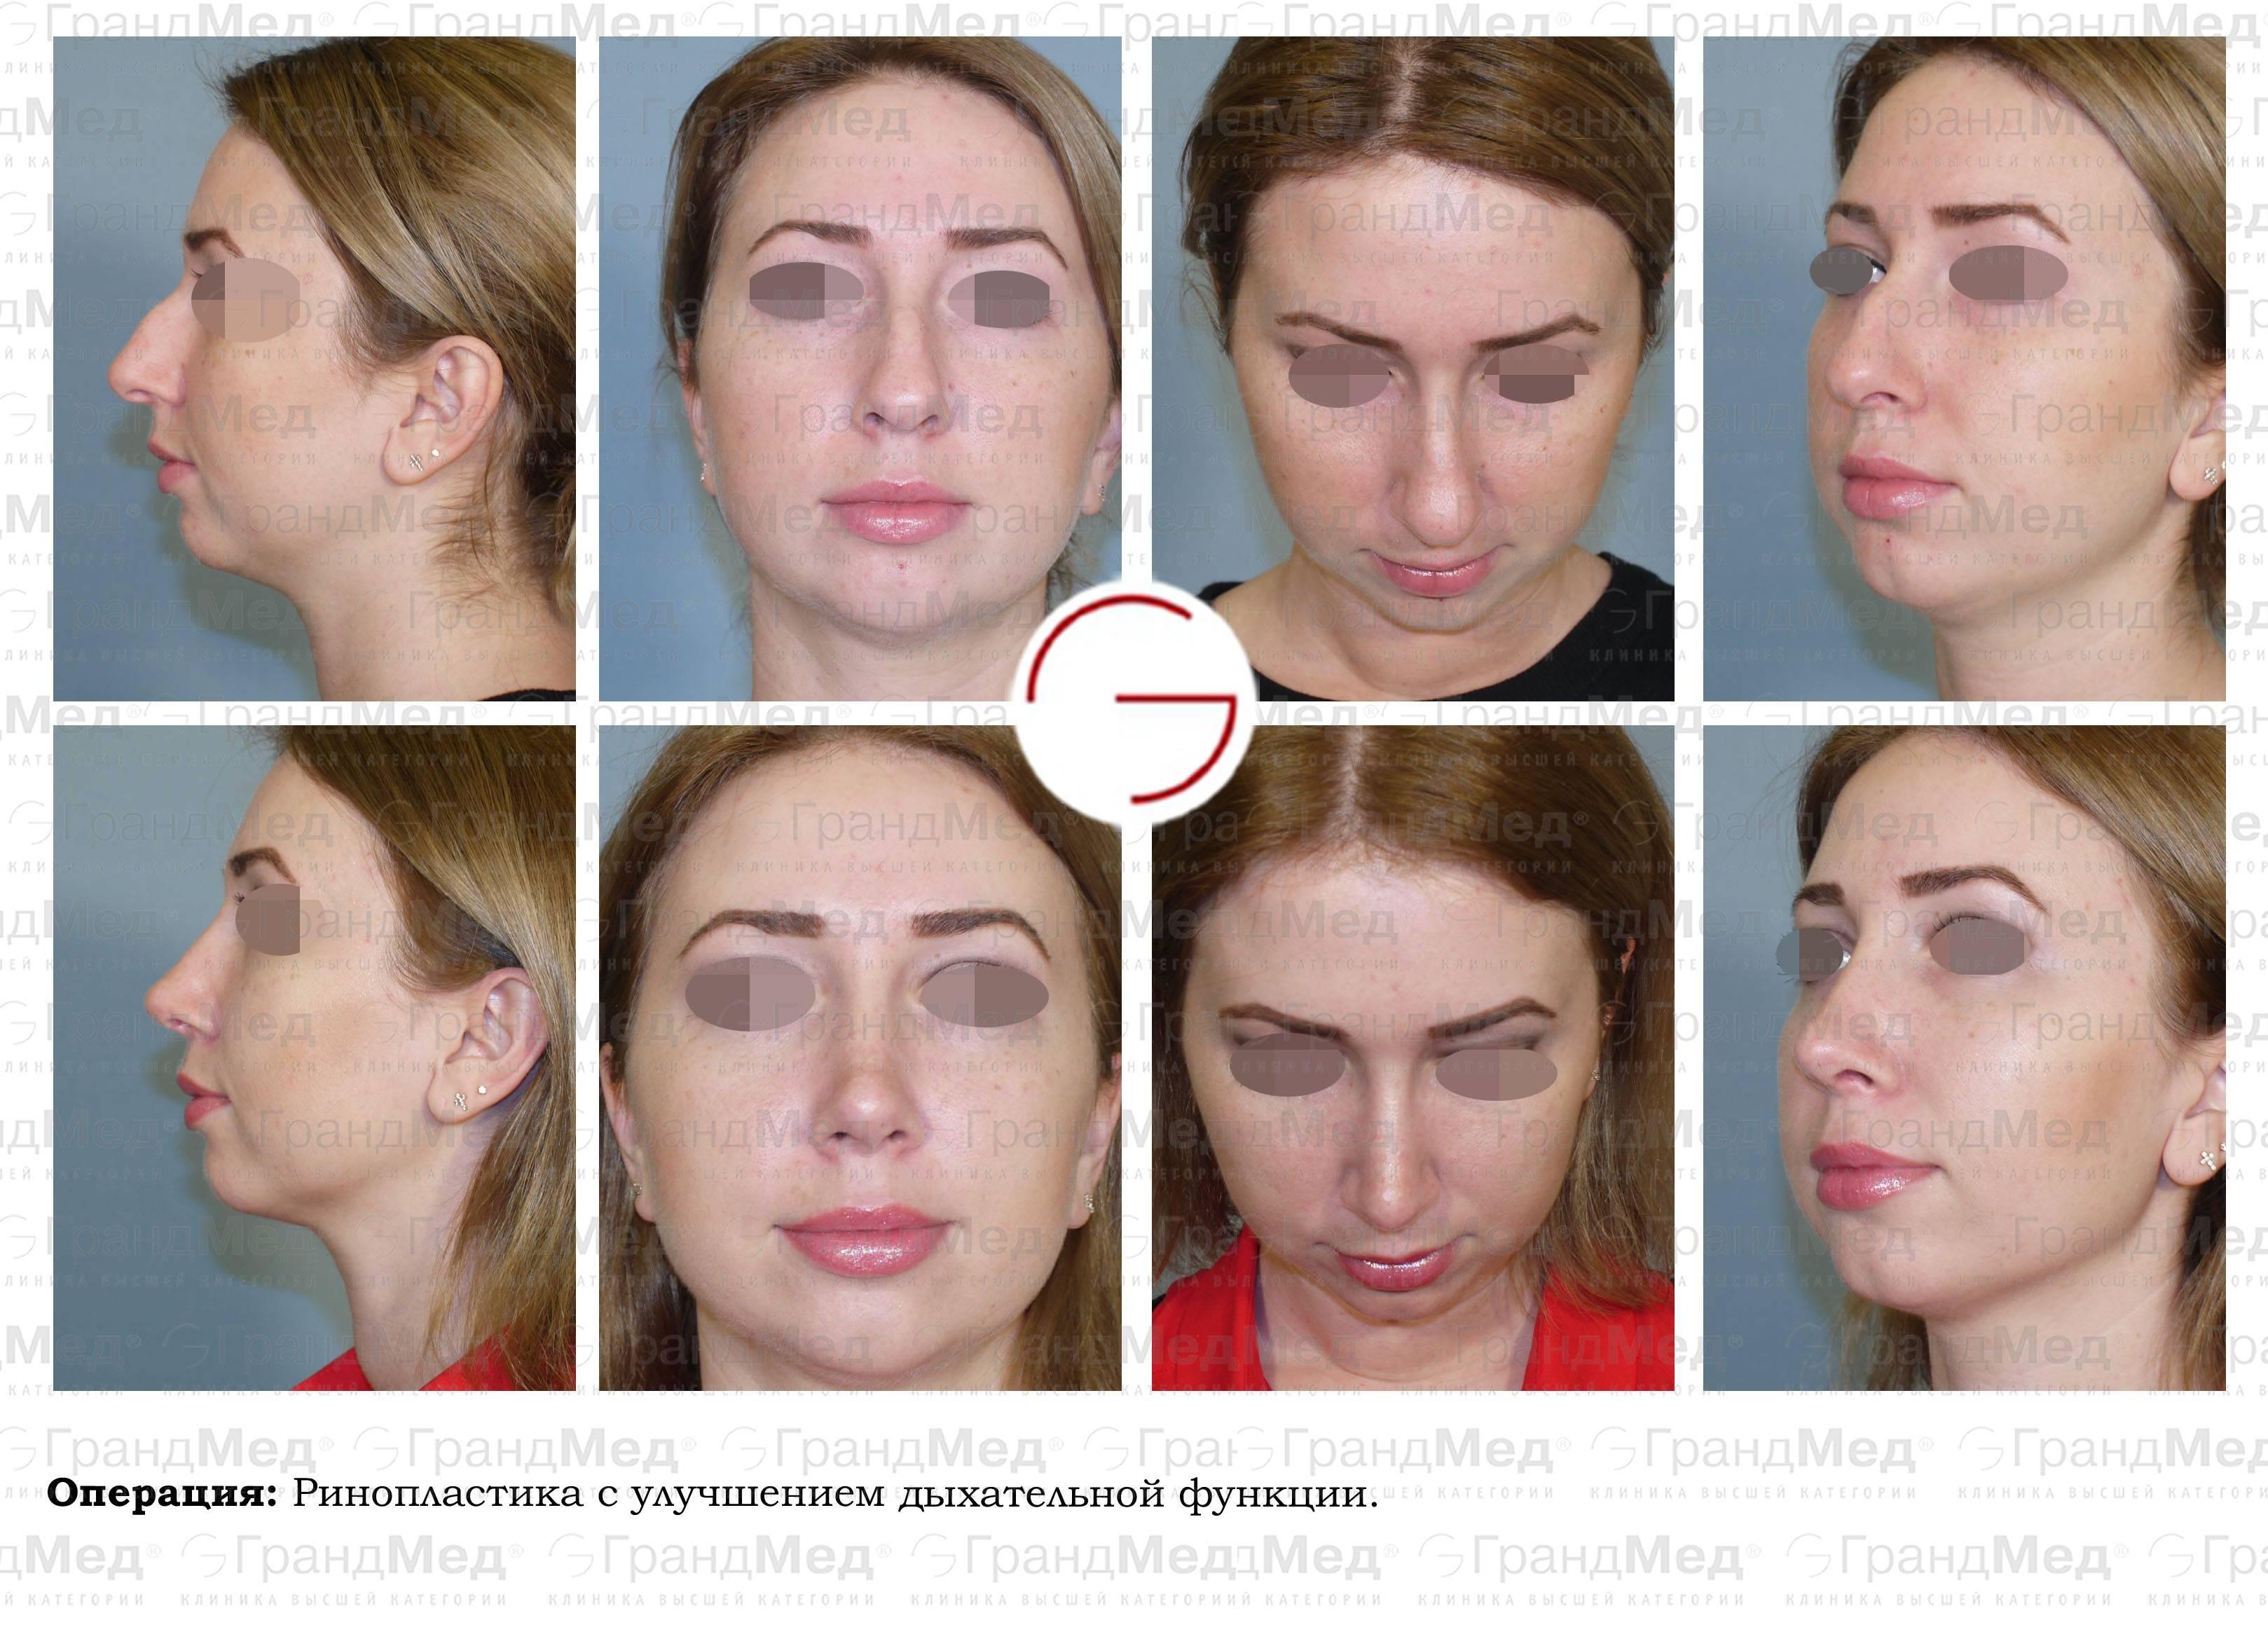 Плюсы и минусы пластики носа без хирургического вмешательства